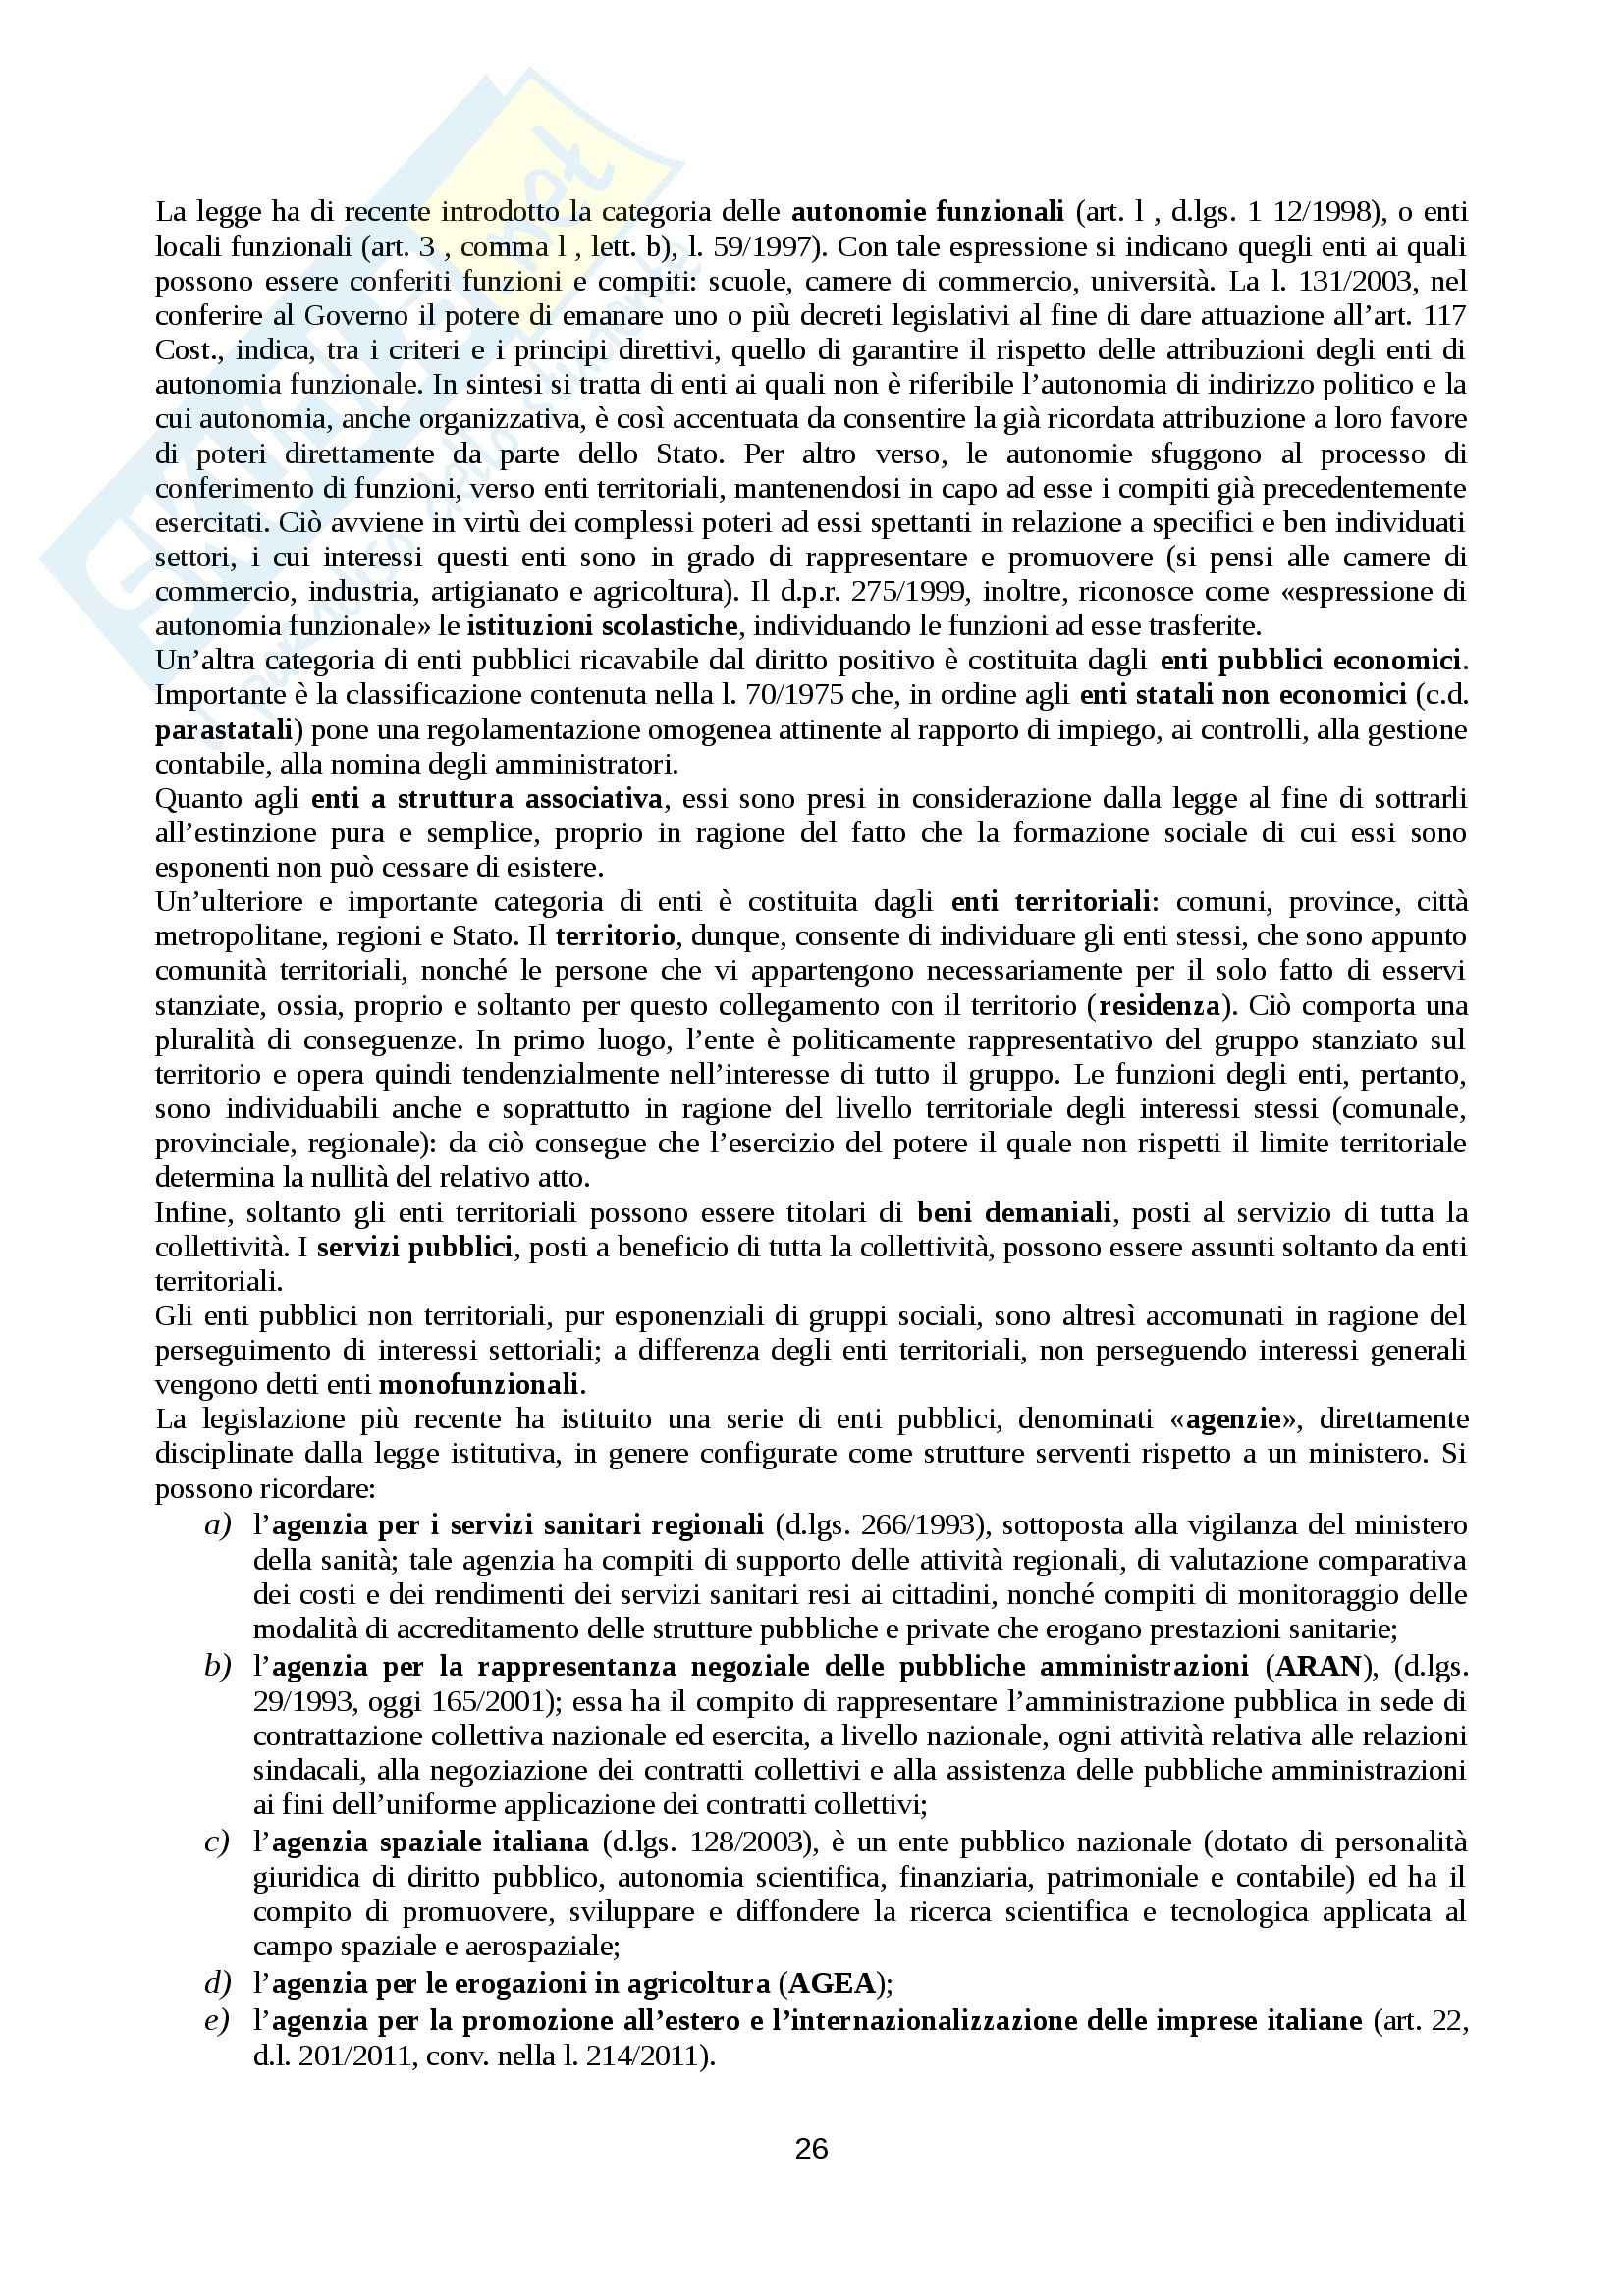 Riassunto esame Diritto, testo consigliato Manuale di diritto amministrativo, Casetta Pag. 26